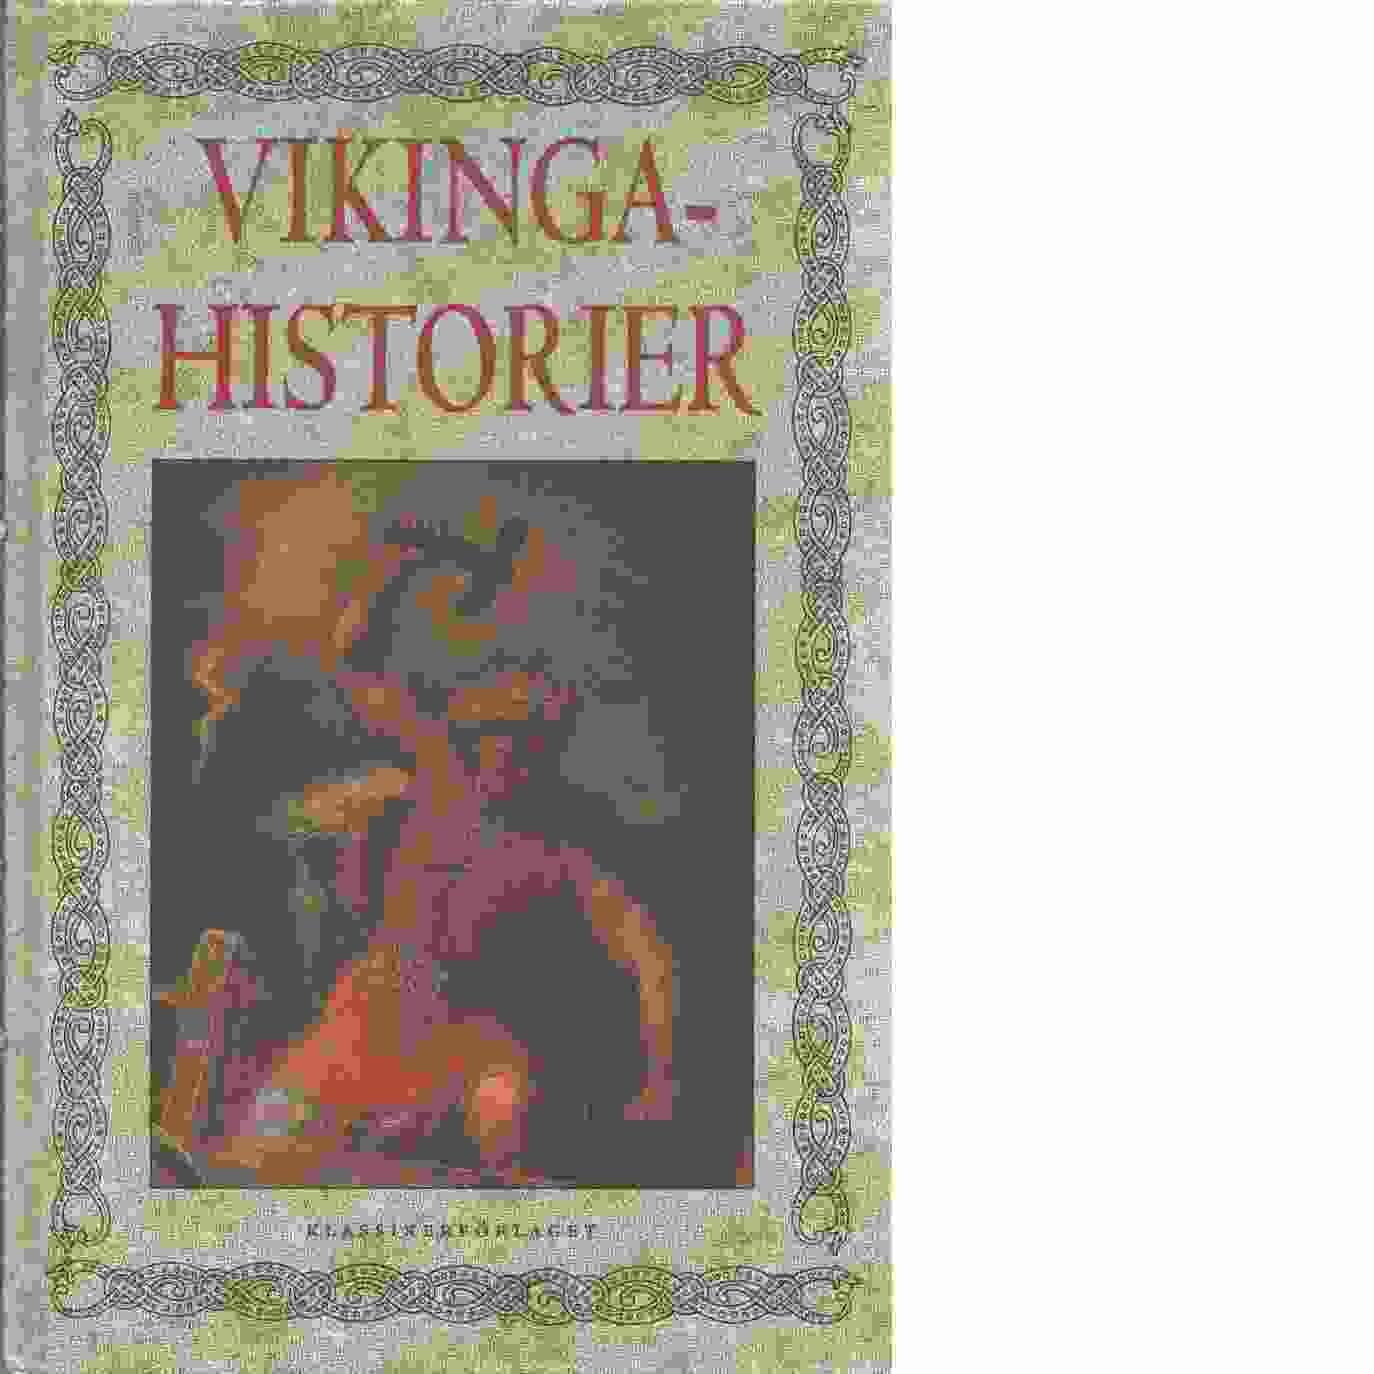 Vikingahistorier  - Ohlmarks, Åke